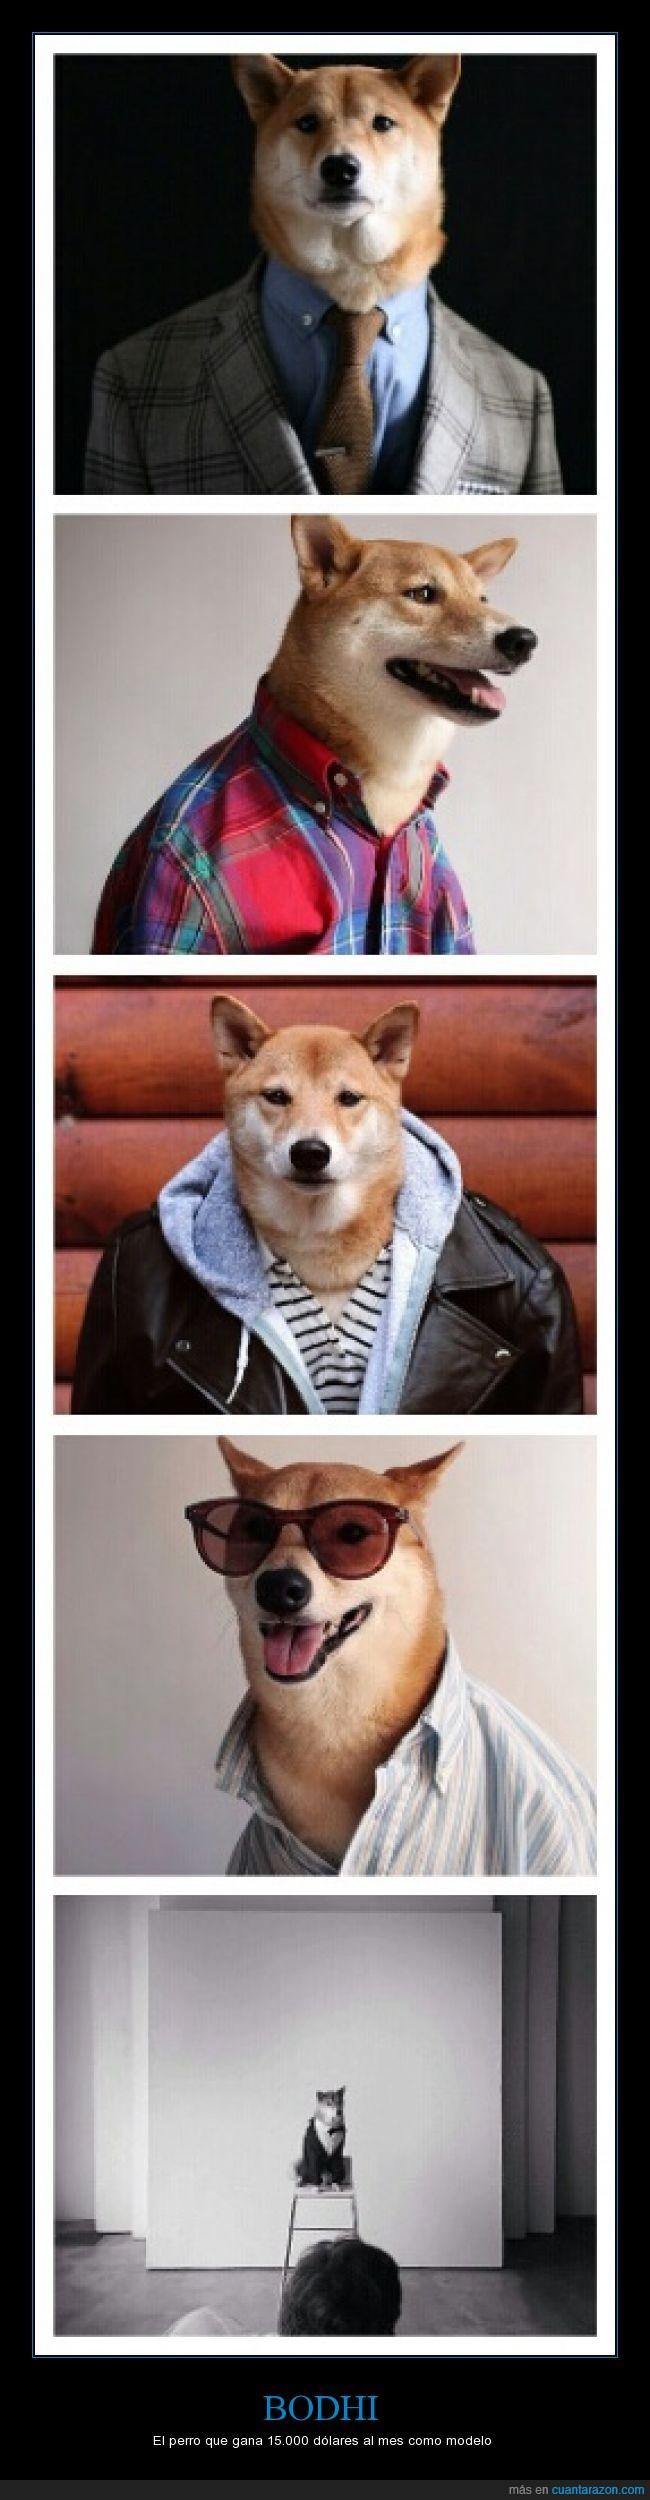 es un labrador retriever :),mi perro mola mas,modelo,Perro